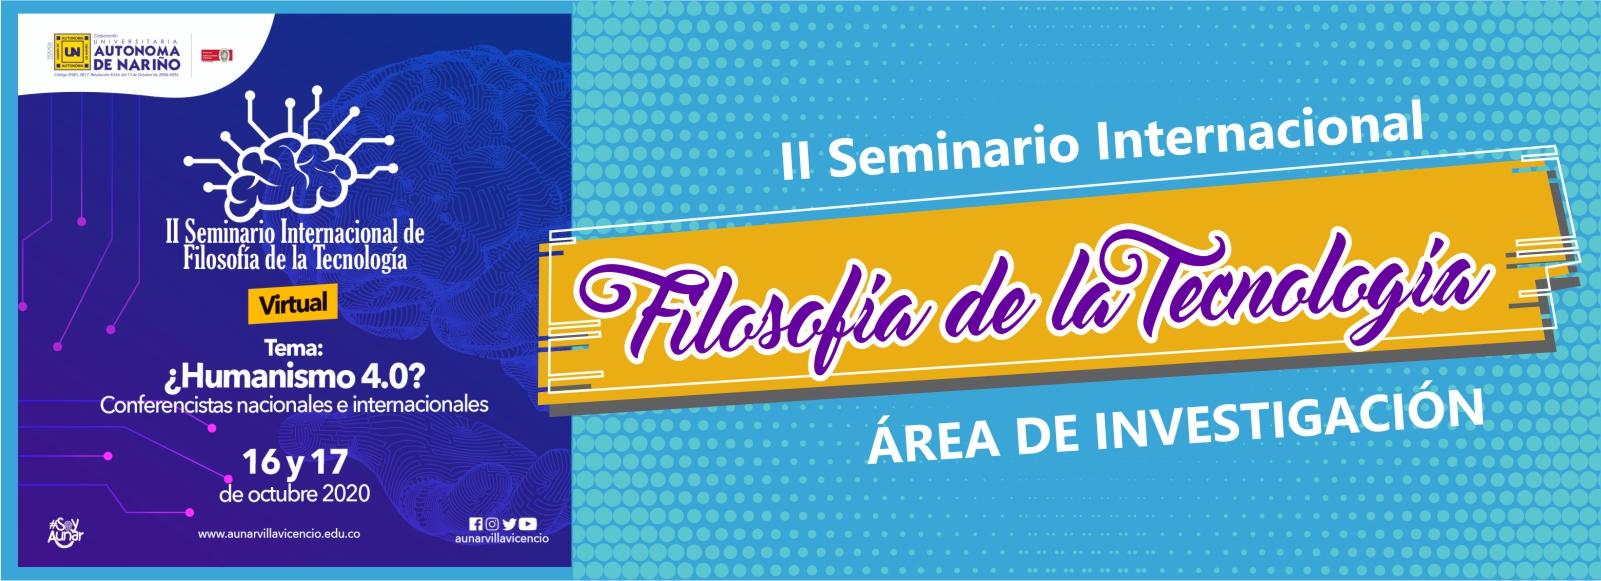 II Seminario Internacional de Filosofía de la Tecnología.